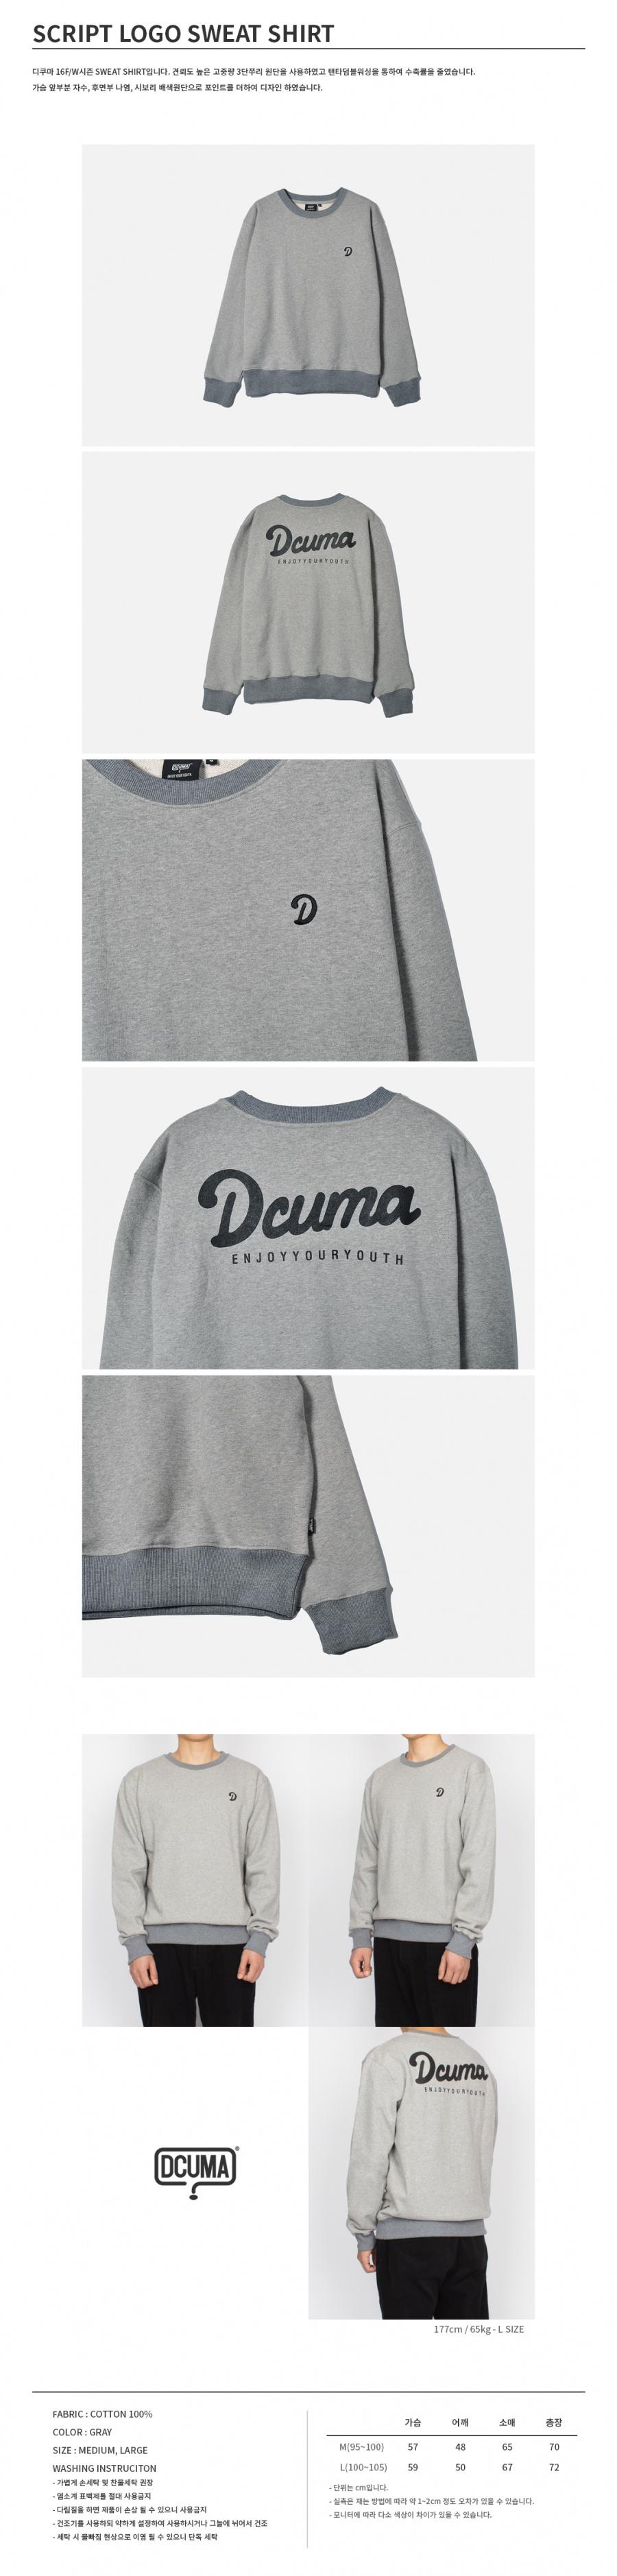 디쿠마(DCUMA) 스크립트 로고 스웻셔츠 그레이